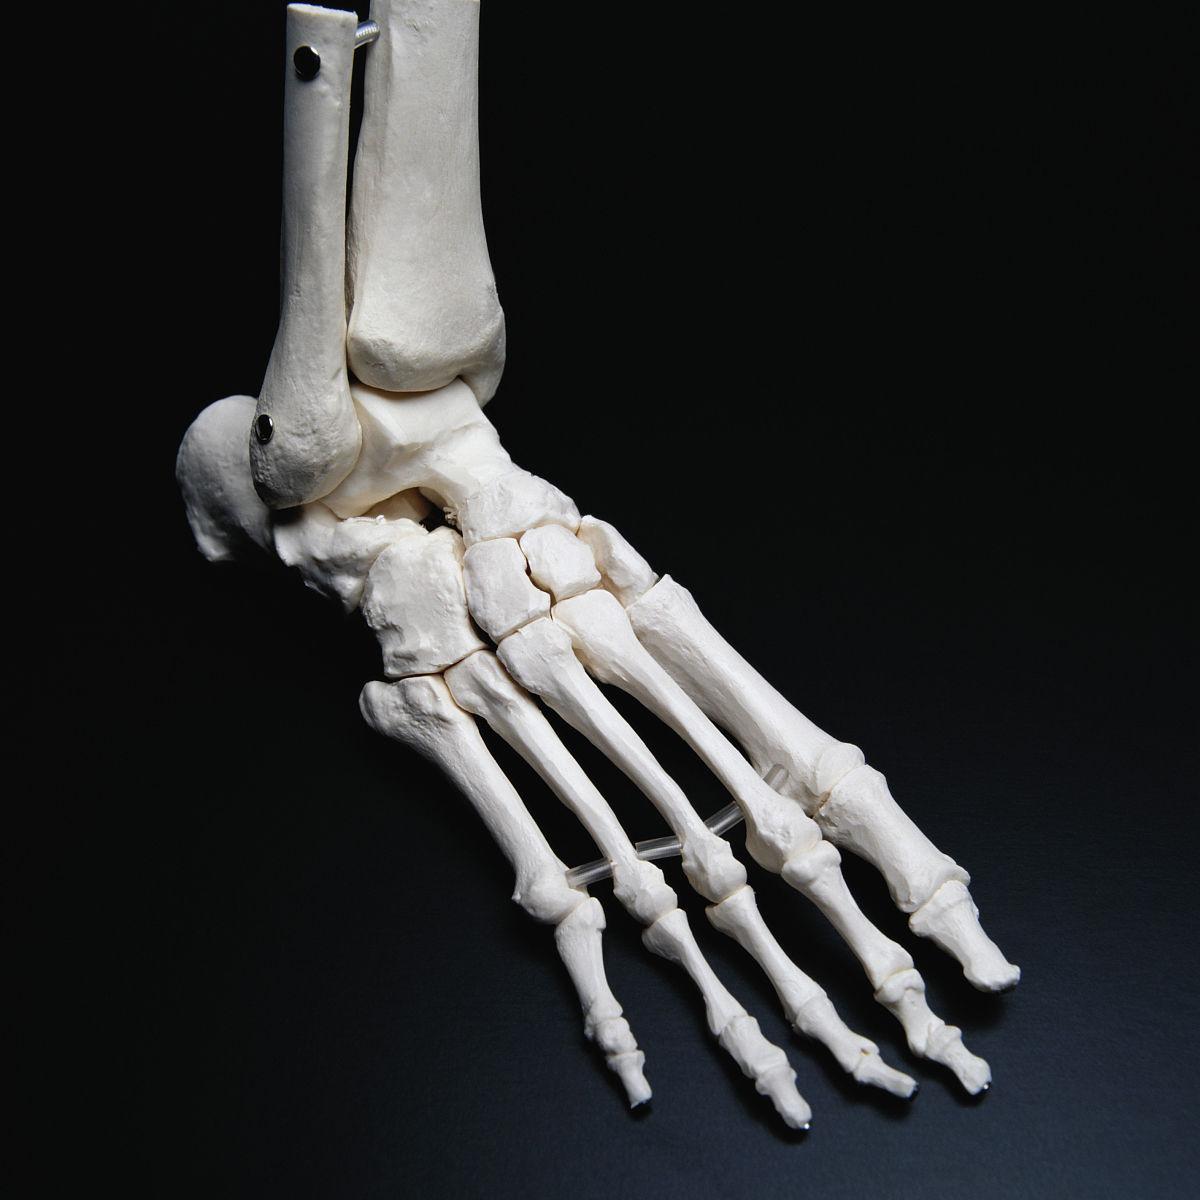 腰部骨骼固)�_彩色图片,无人,特写,足,影棚拍摄,骨骼,人类骨架,黑色,黑色背景,腰部